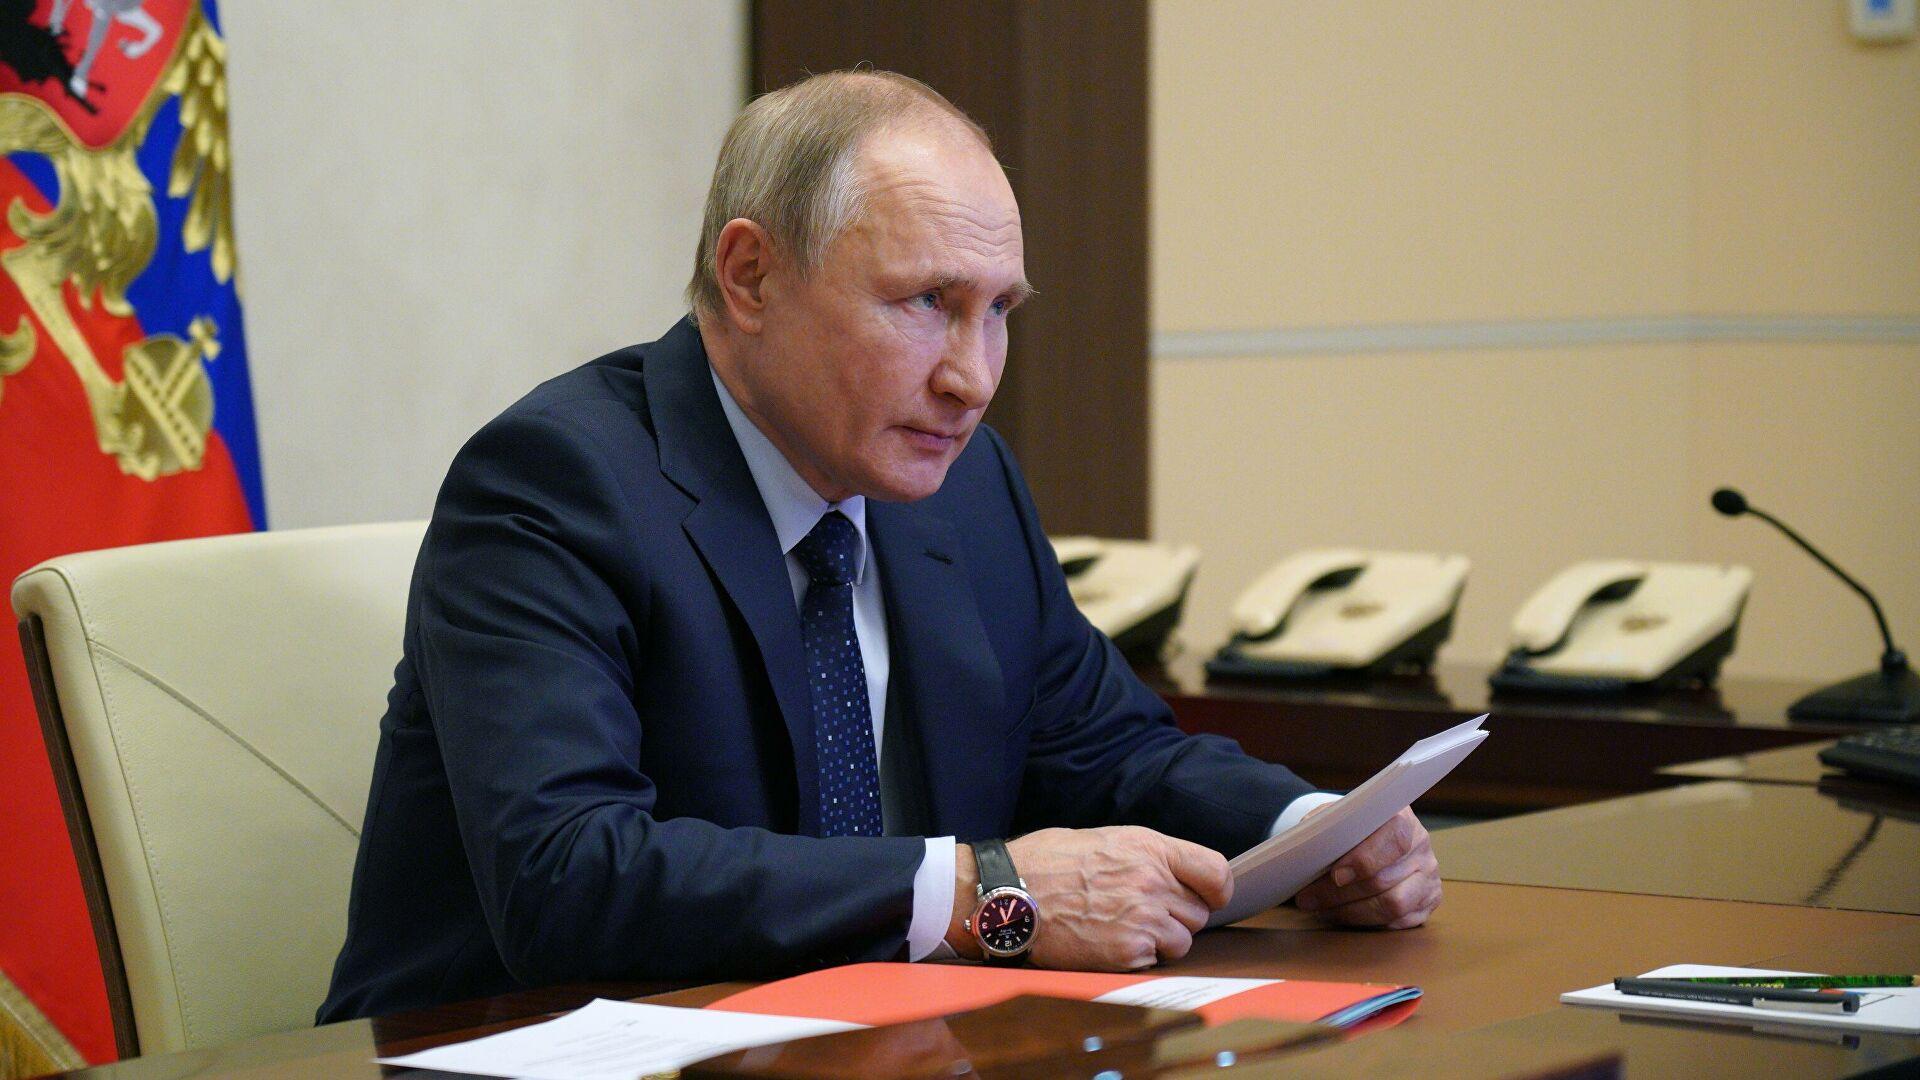 Путин потписао закон којим се председнику даје право да се кандидује још два мандата